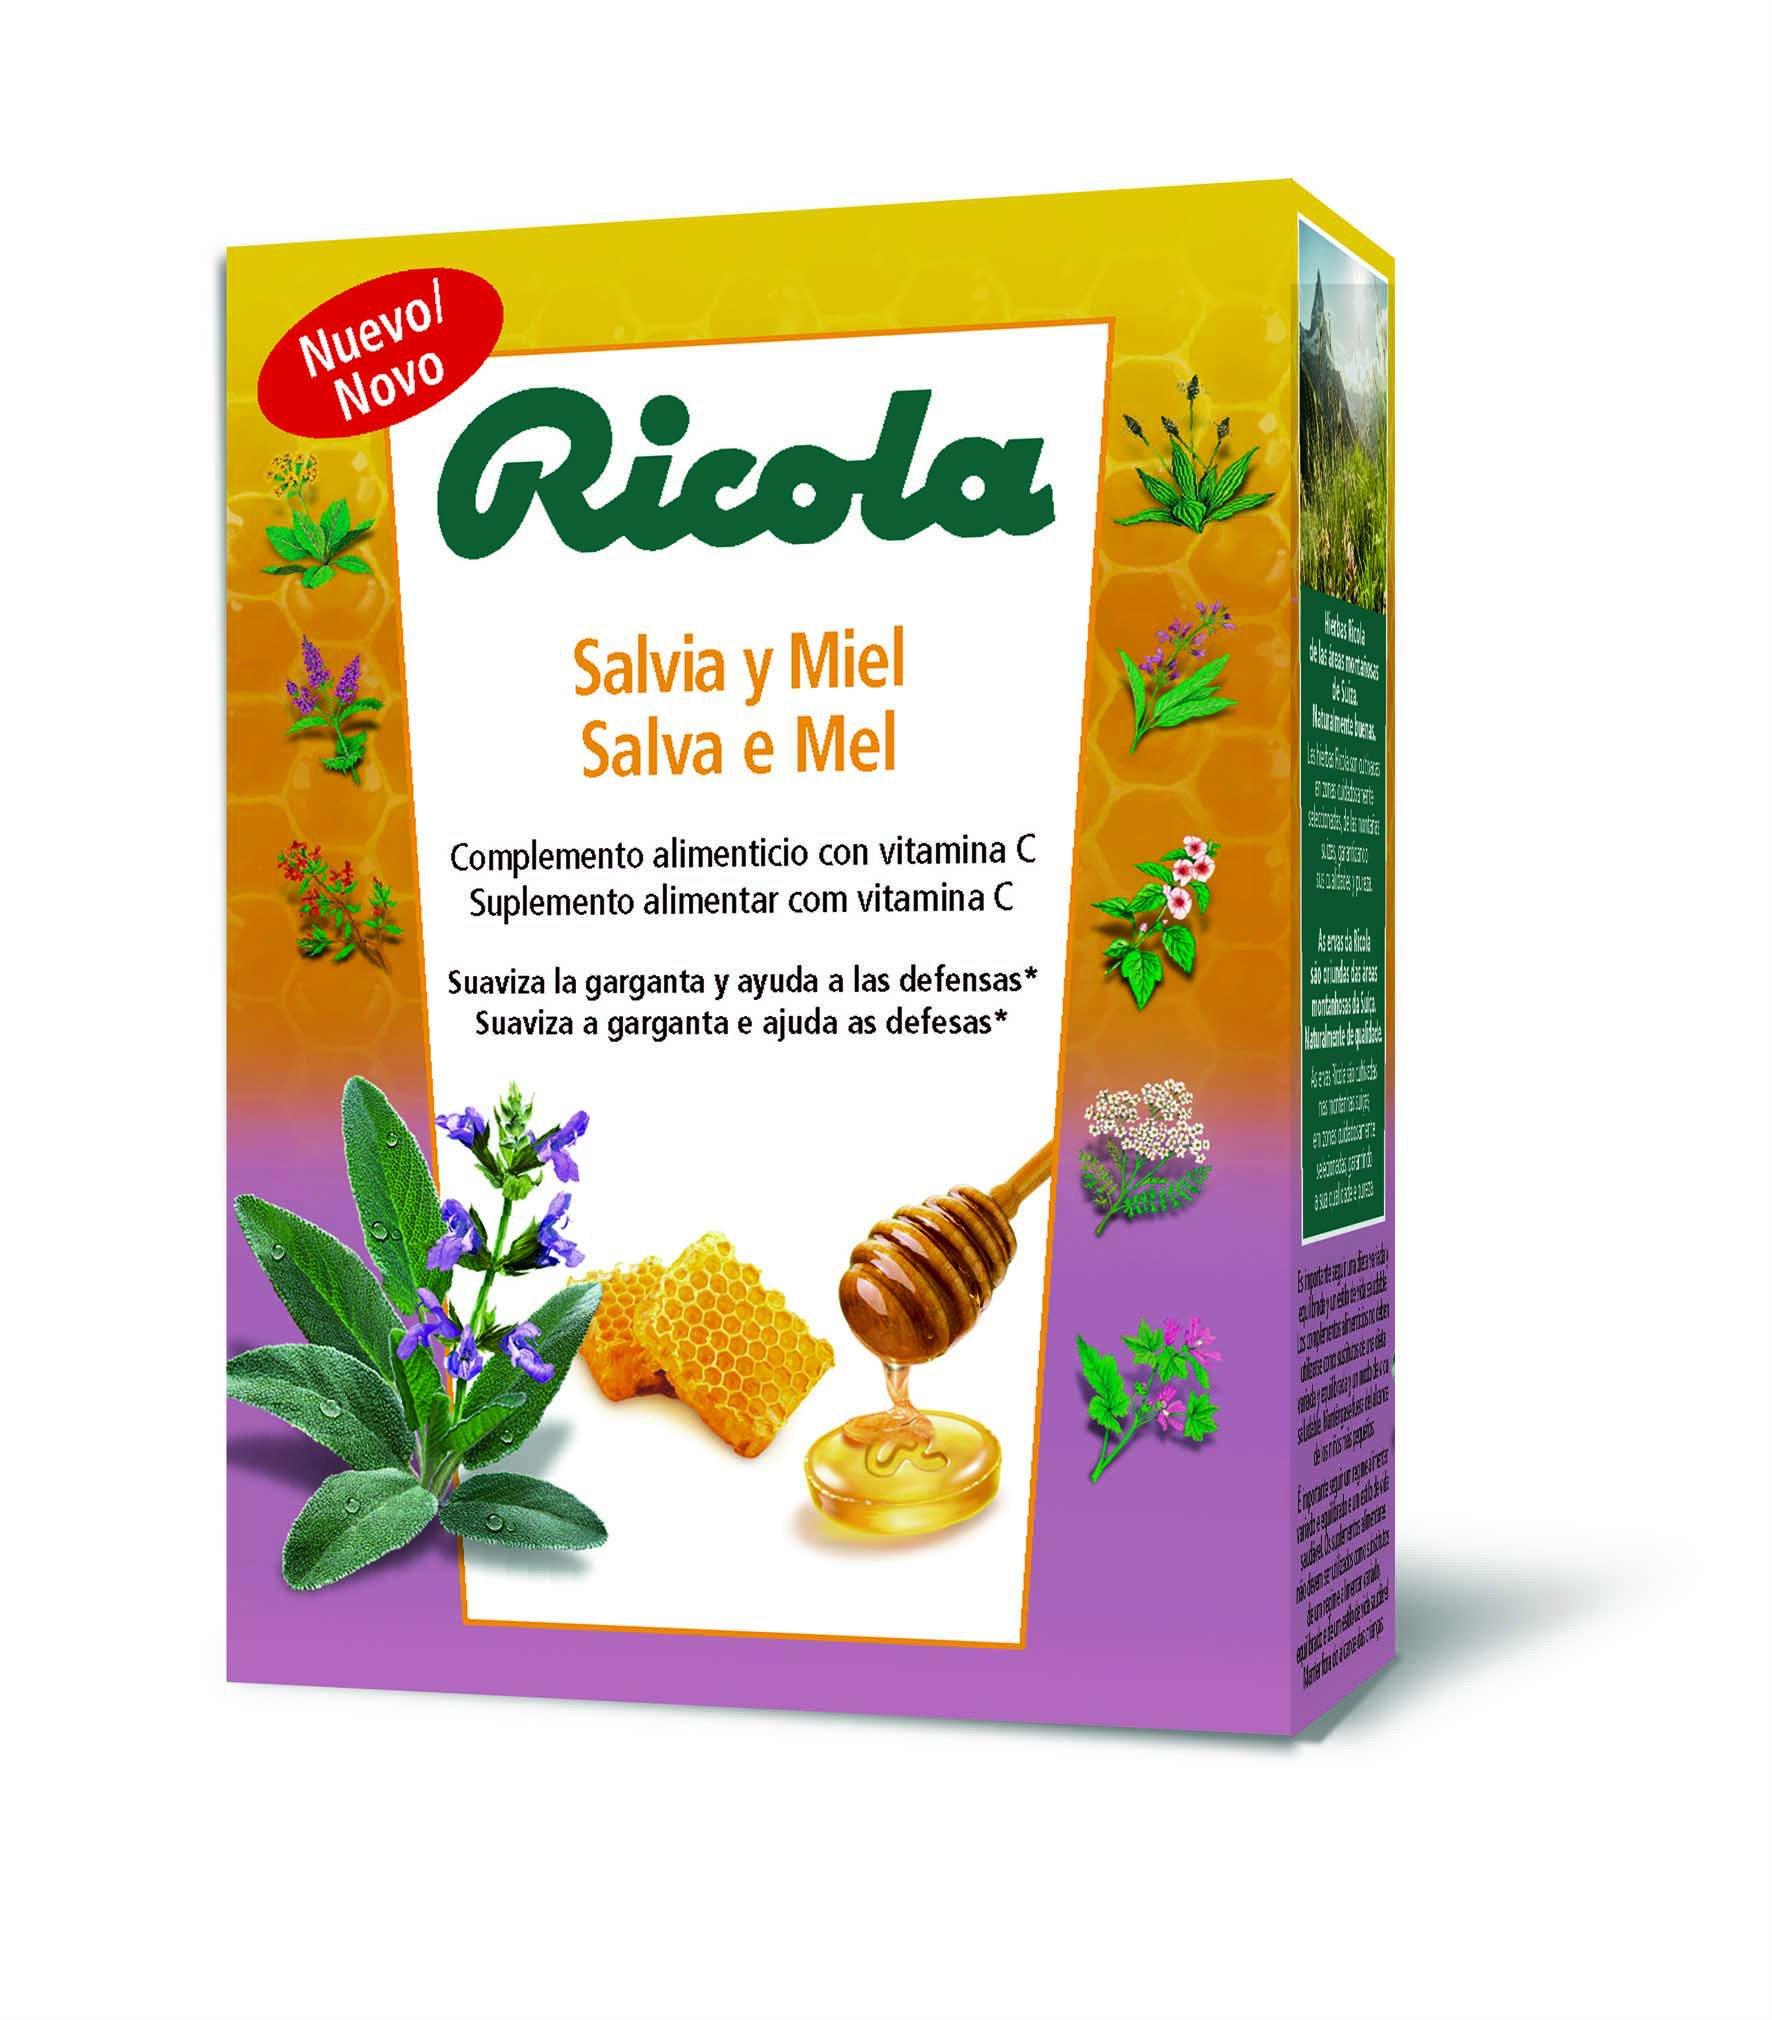 Ricola añade vitamina C a su formulación de siempre para suavizar la garganta y ayudar a tus defensas